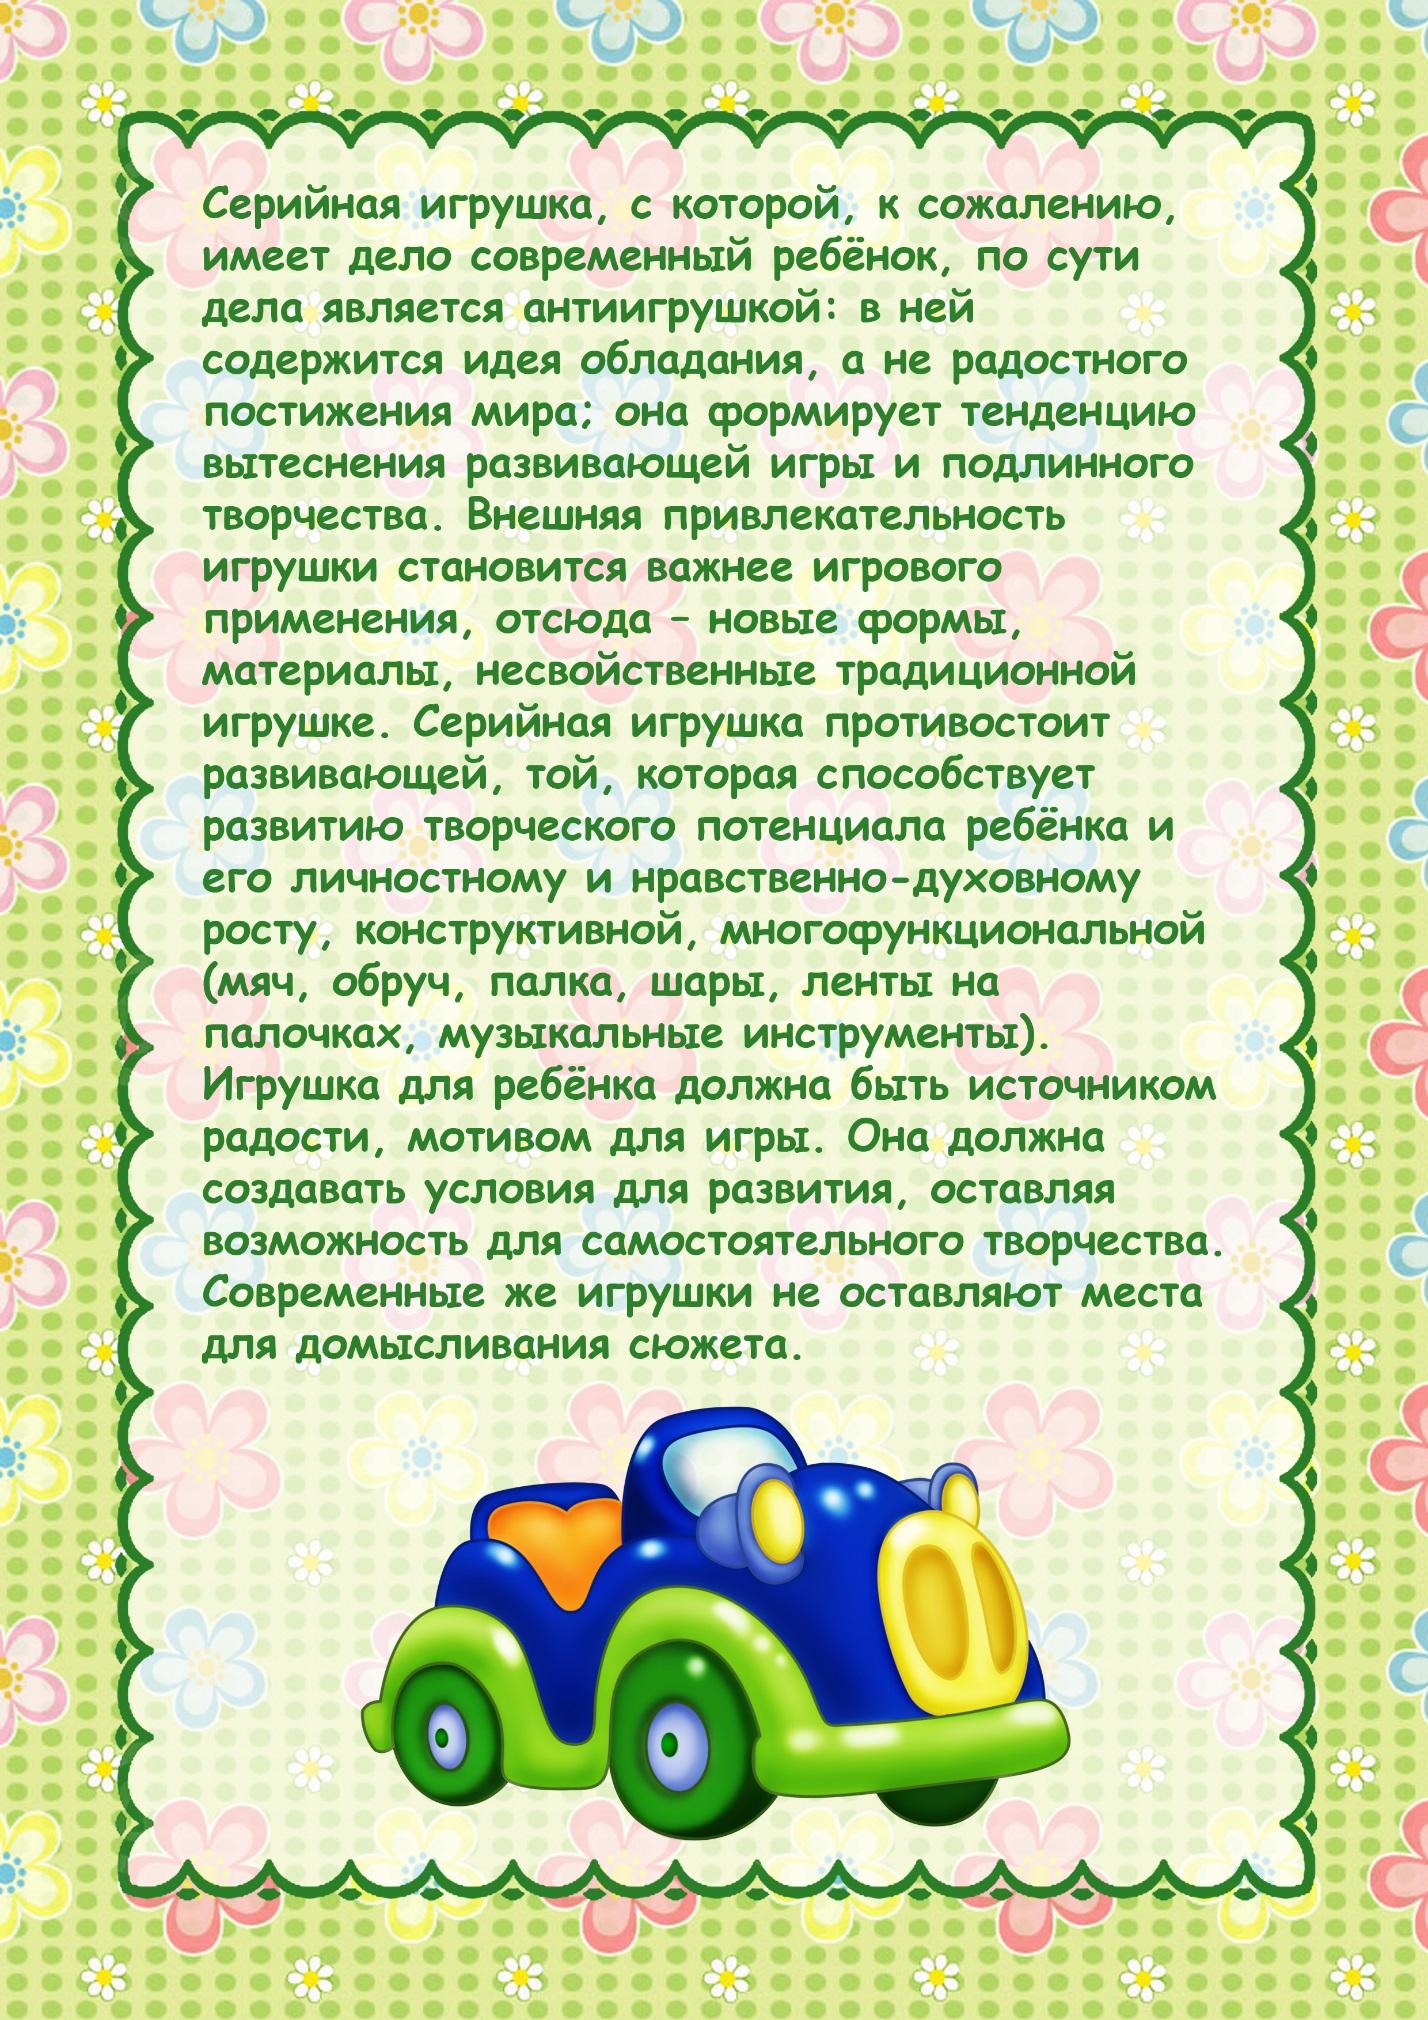 C:\Users\Triline\Desktop\психолог\22школа\Igrushka\Игрушка 1-3.jpg